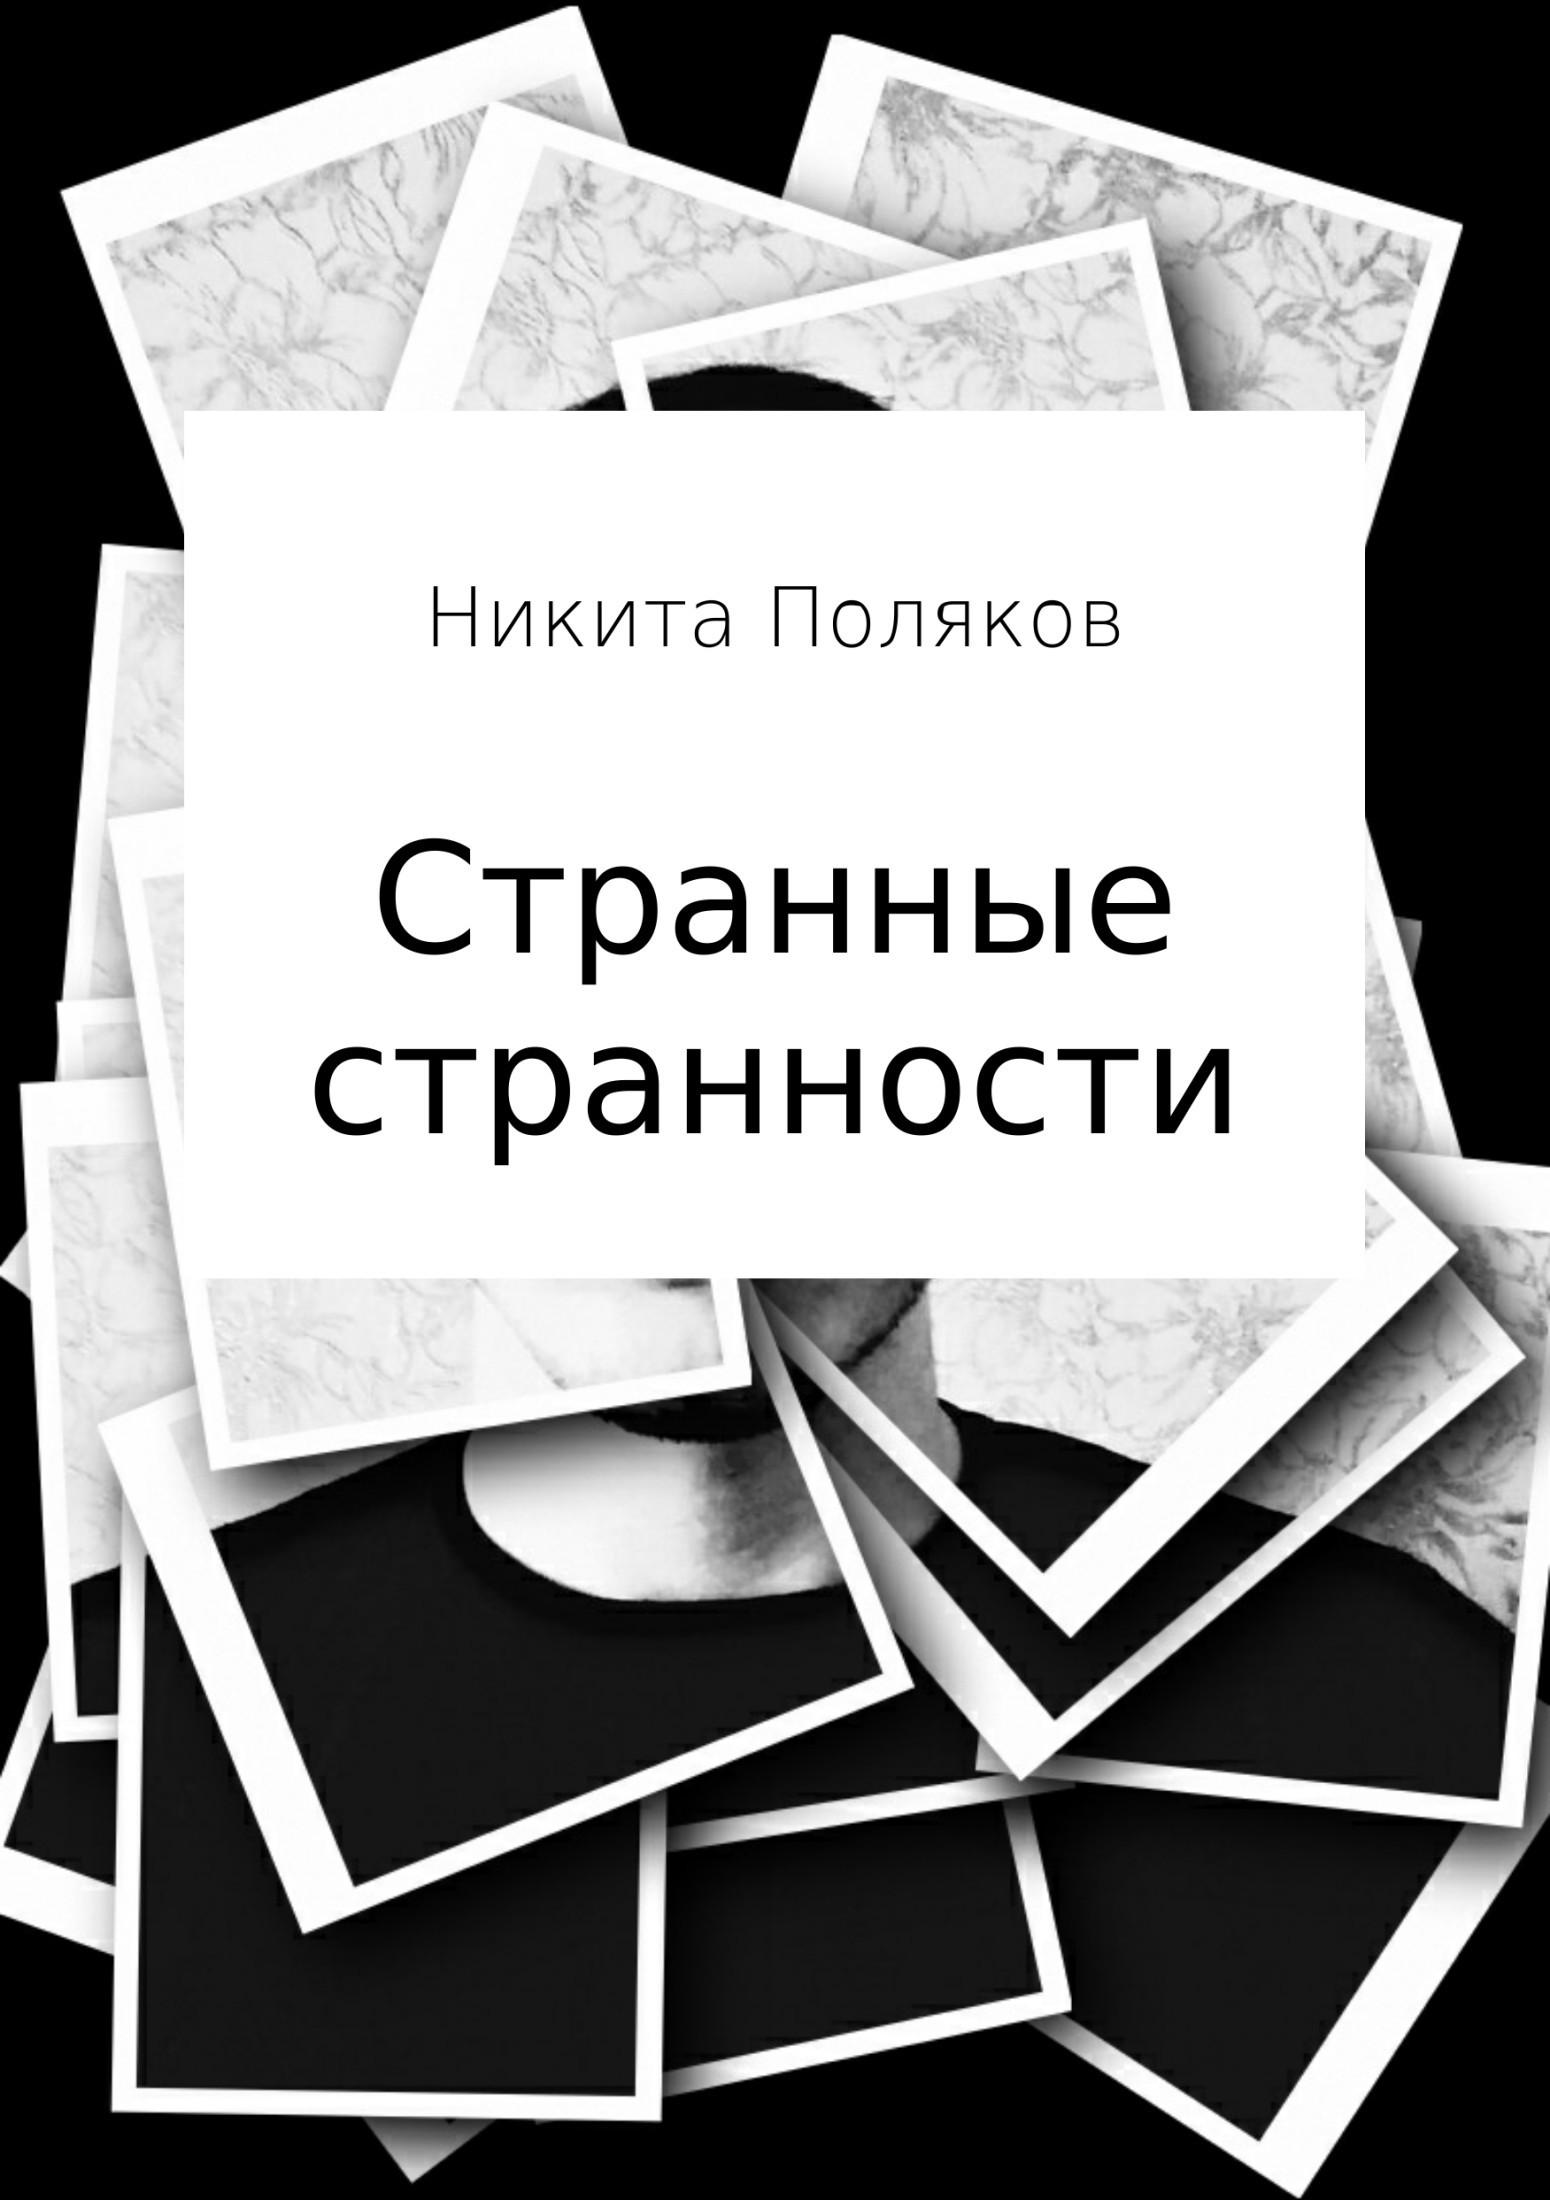 Никита Сергеевич Поляков Странные странности никита сергеевич поляков визави сборник стихотворений